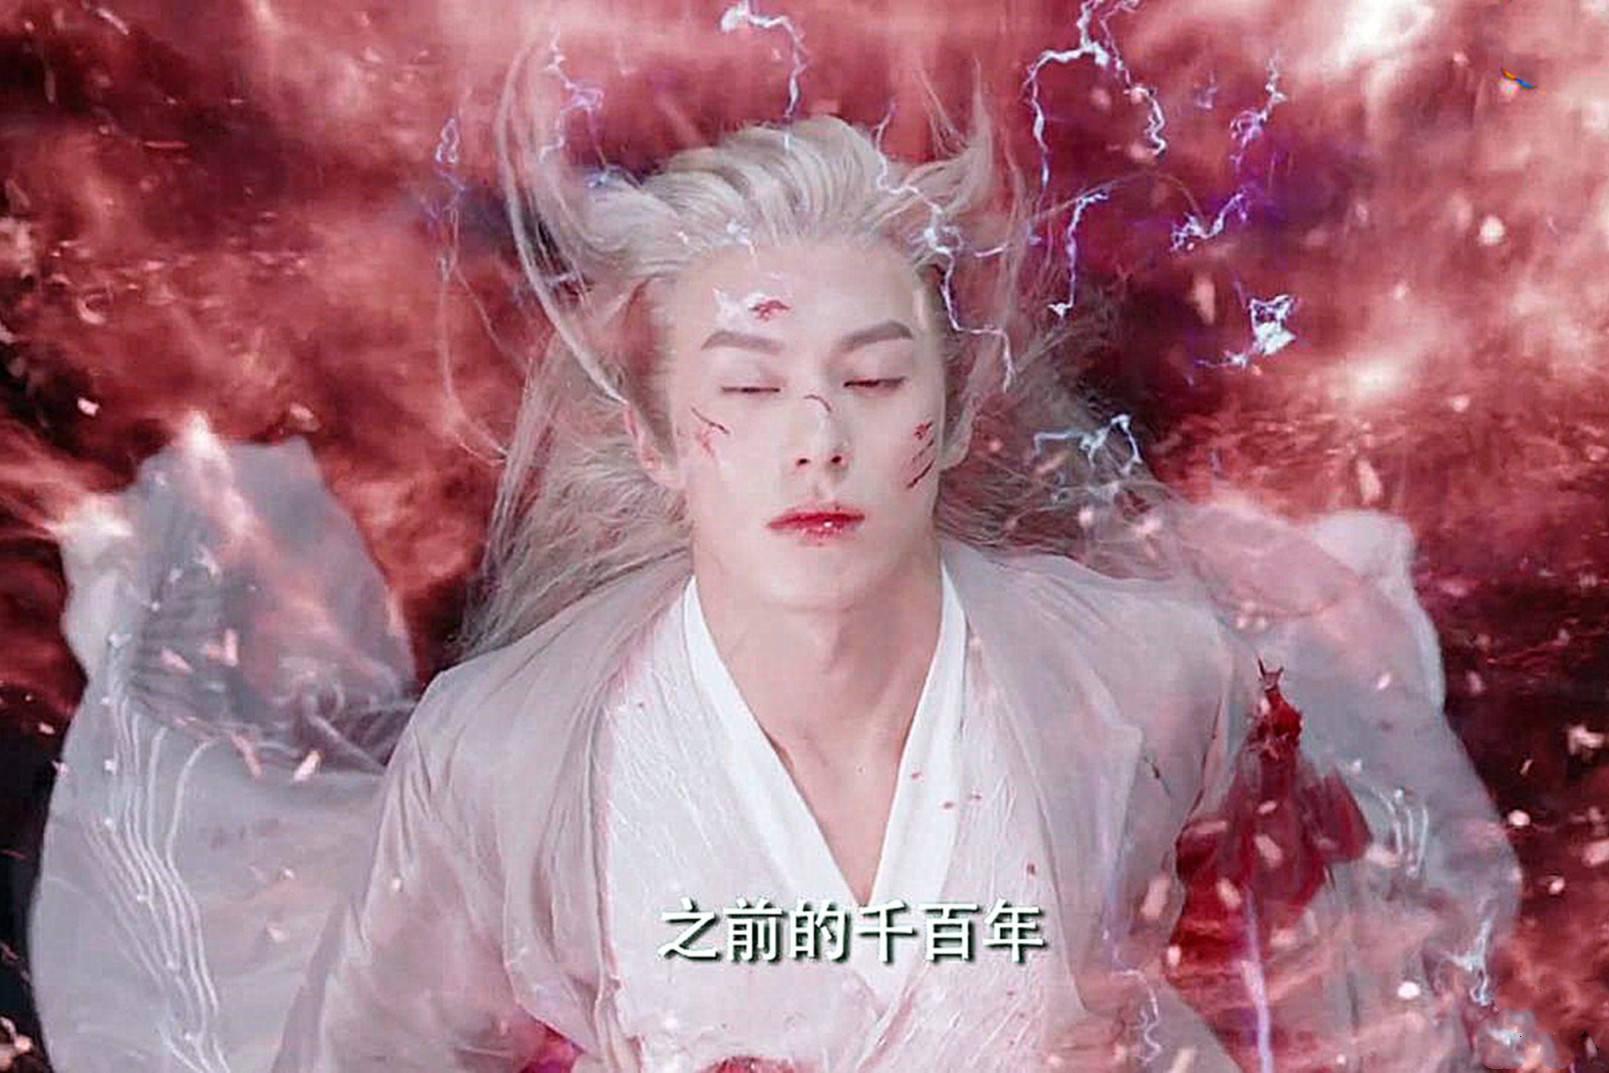 《遇龙》大结局:流萤魂飞魄散,龙炎大战命格星君报仇,失去记忆